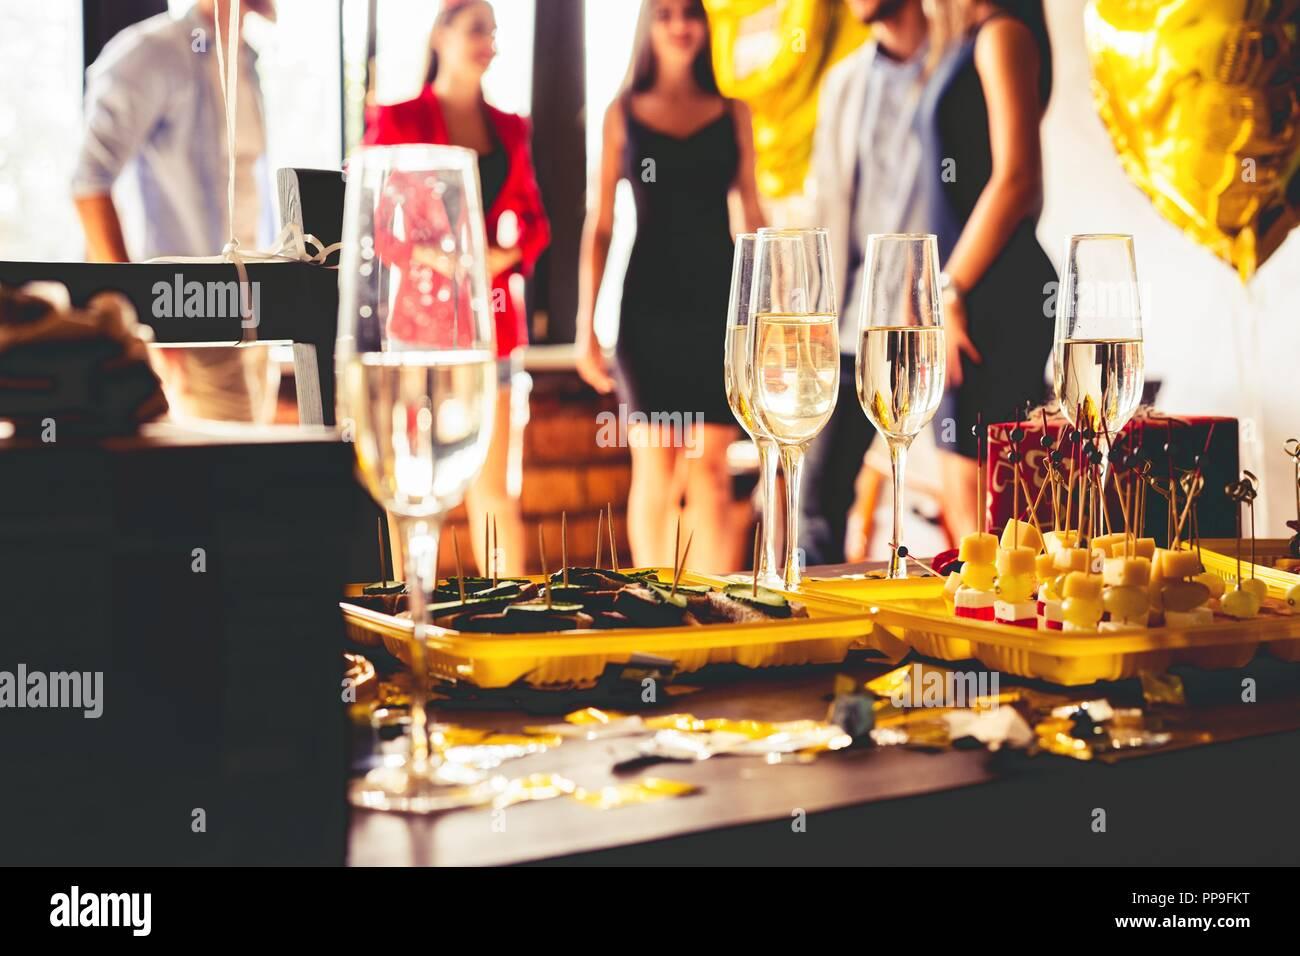 Cena buffet de comida Restaurantes Fiestas concepto. Imagen De Stock